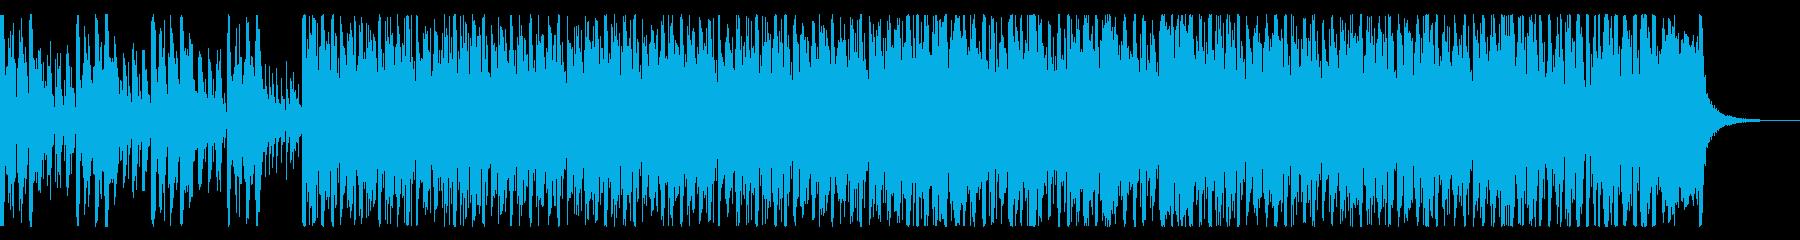 ノリノリで盛り上がりのあるジャズサンバの再生済みの波形